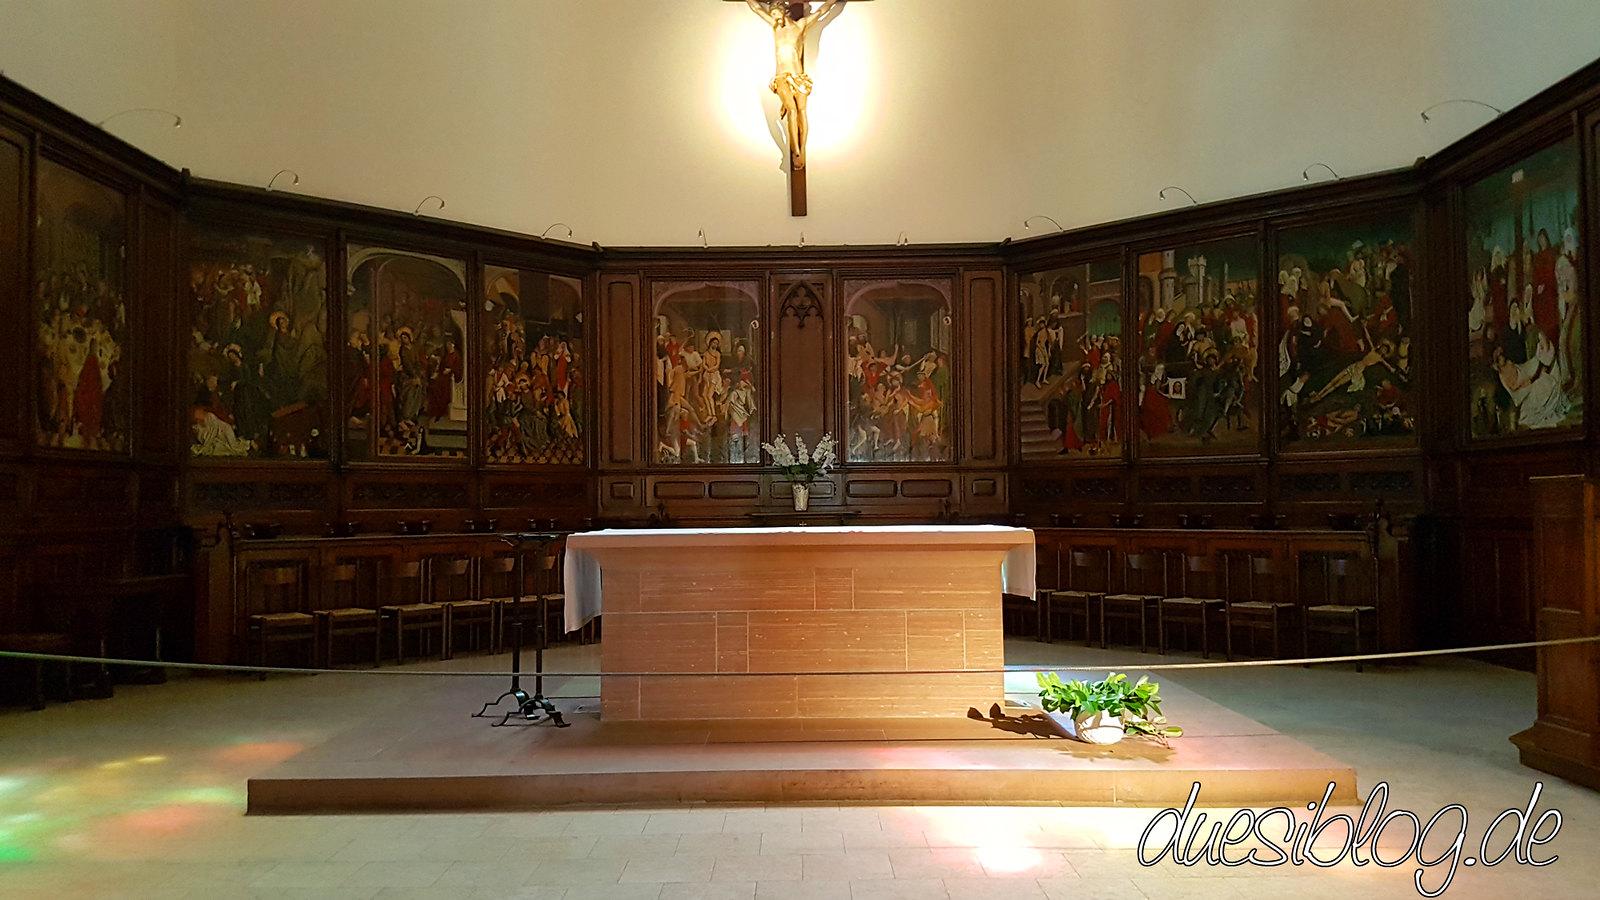 Eglise Catholique Saint-Pierre-le-Vieux Strasbourg duesiblog travelblog 06